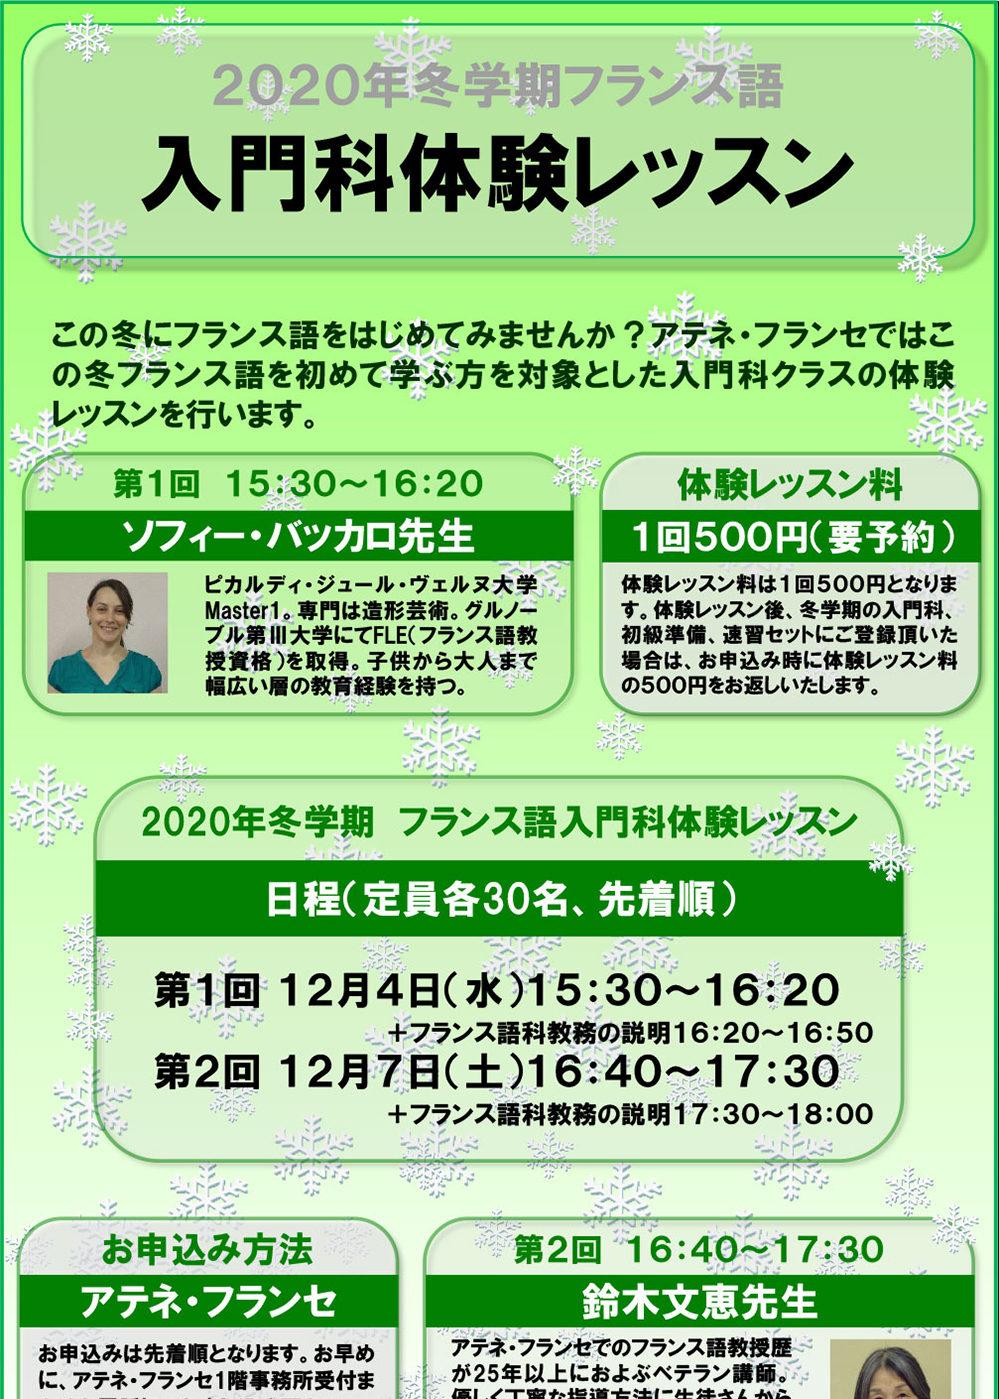 入門科体験レッスン 12/4(水)、12/7(土)【フランス語科】